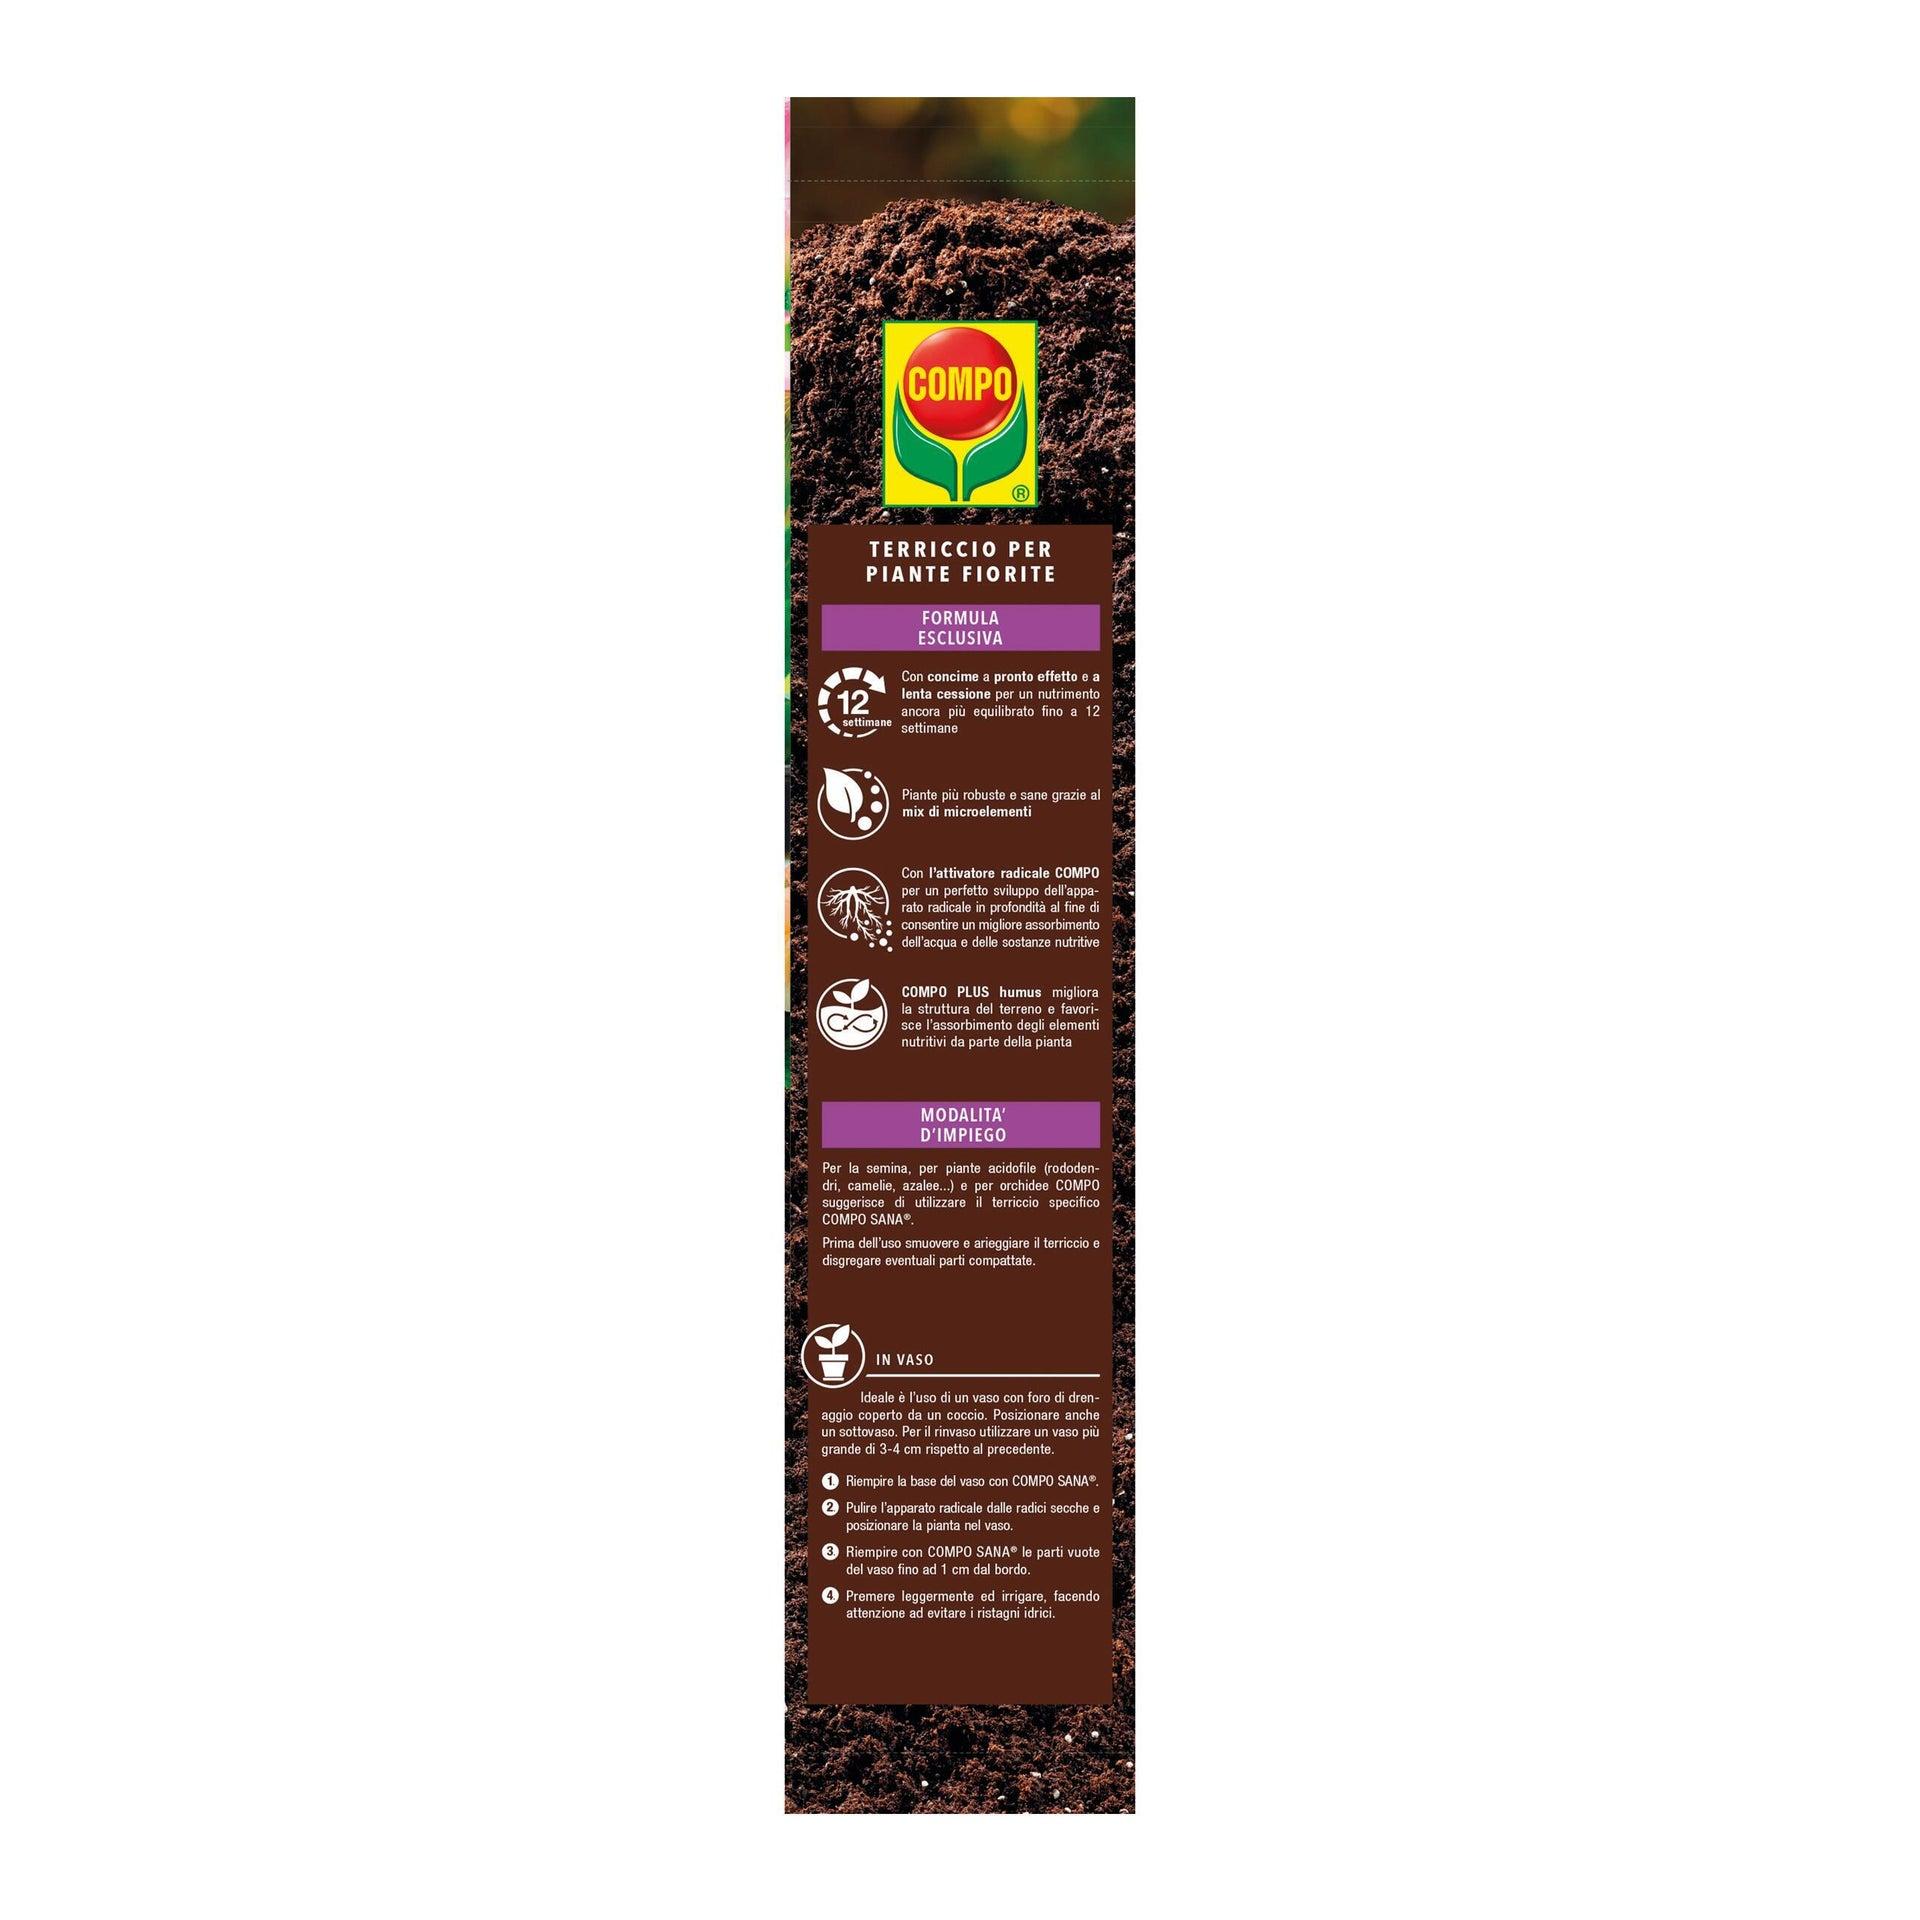 Terriccio COMPO Sana per Piante Fiorite 20 L - 2